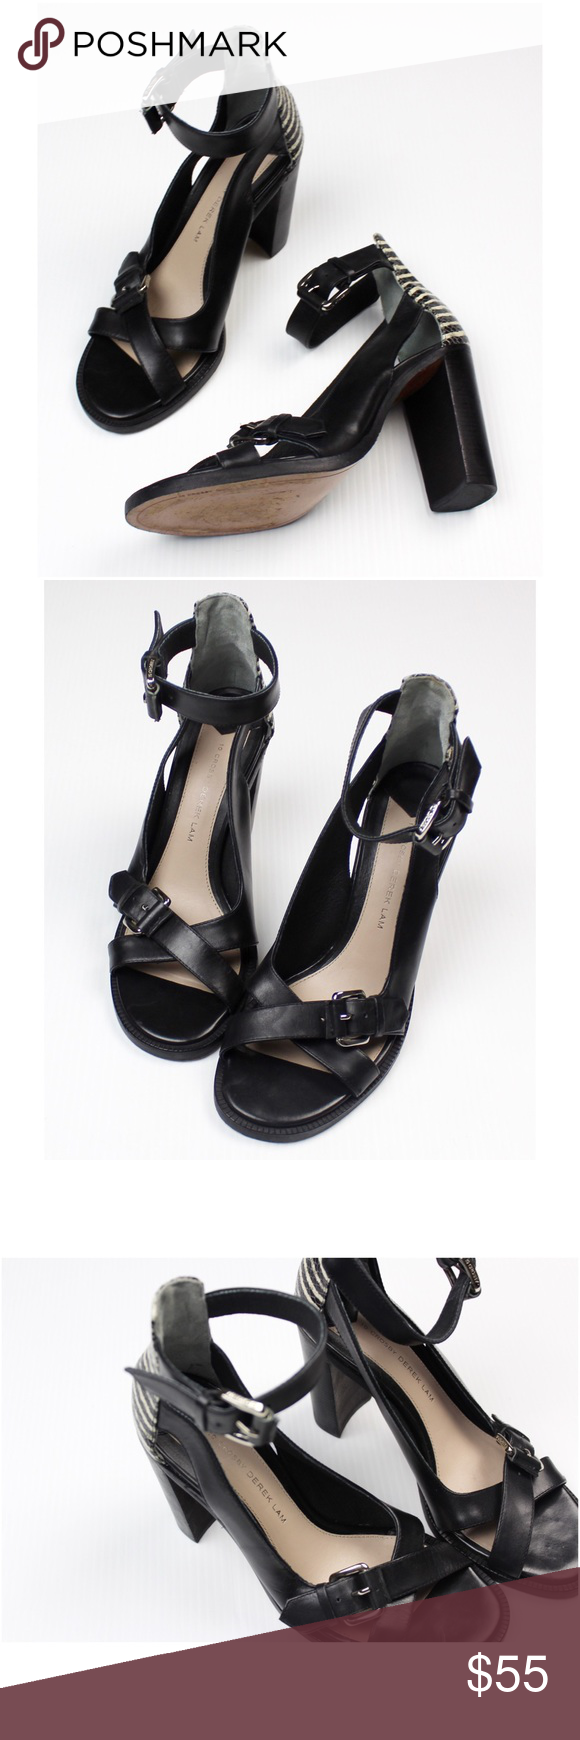 10 Crosby Derek Lam Safra Ankle Strap Sandal Ankle Strap Sandals Derek Lam Shoes Strap Heels